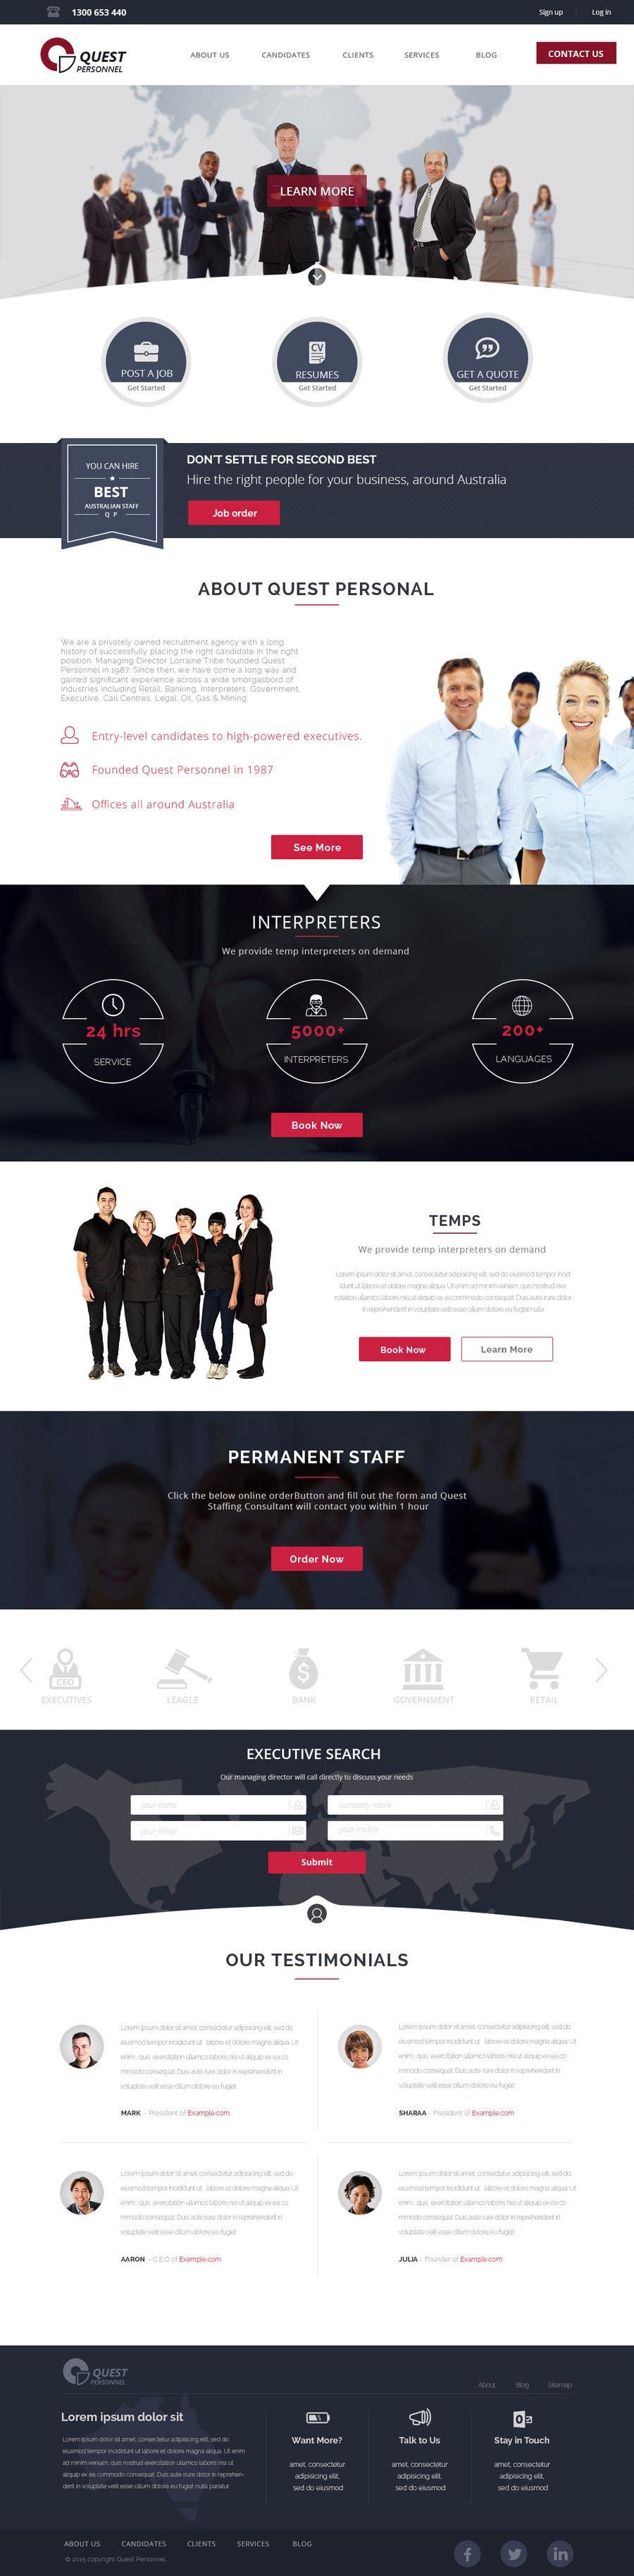 Inscrição nº 3 do Concurso para Design a Banner for website